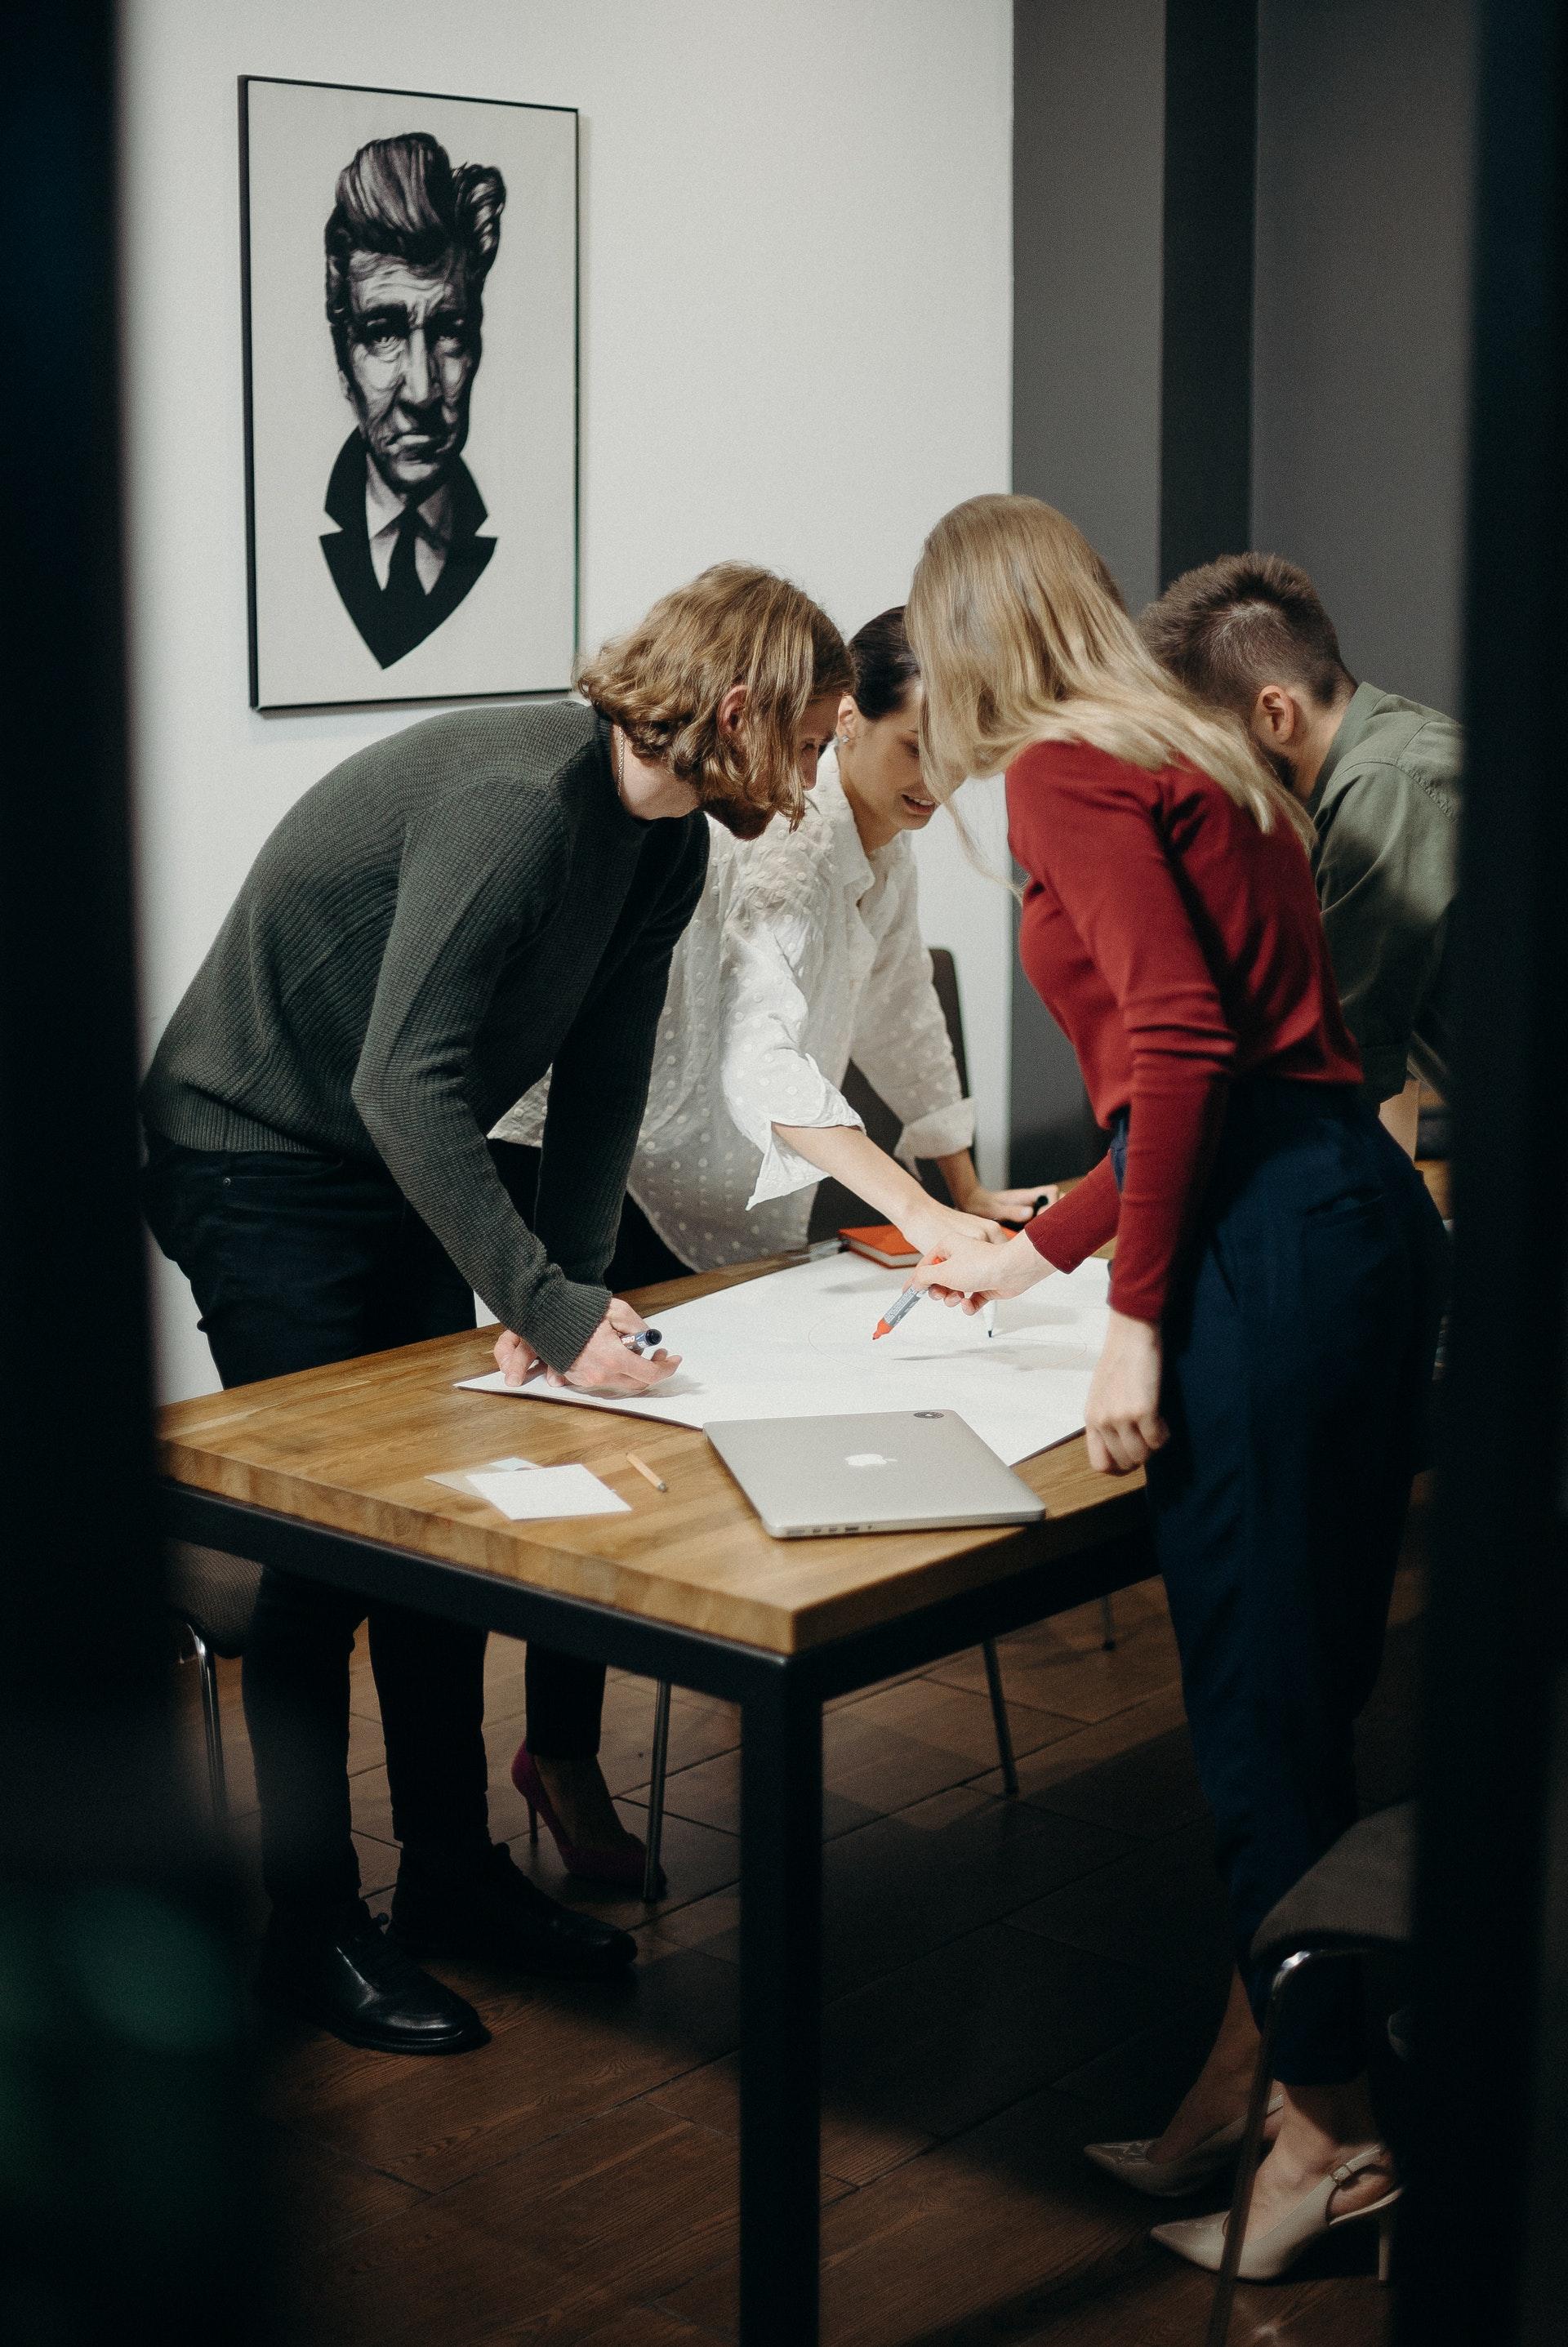 Neljä ihmistä työpöydän ääressä